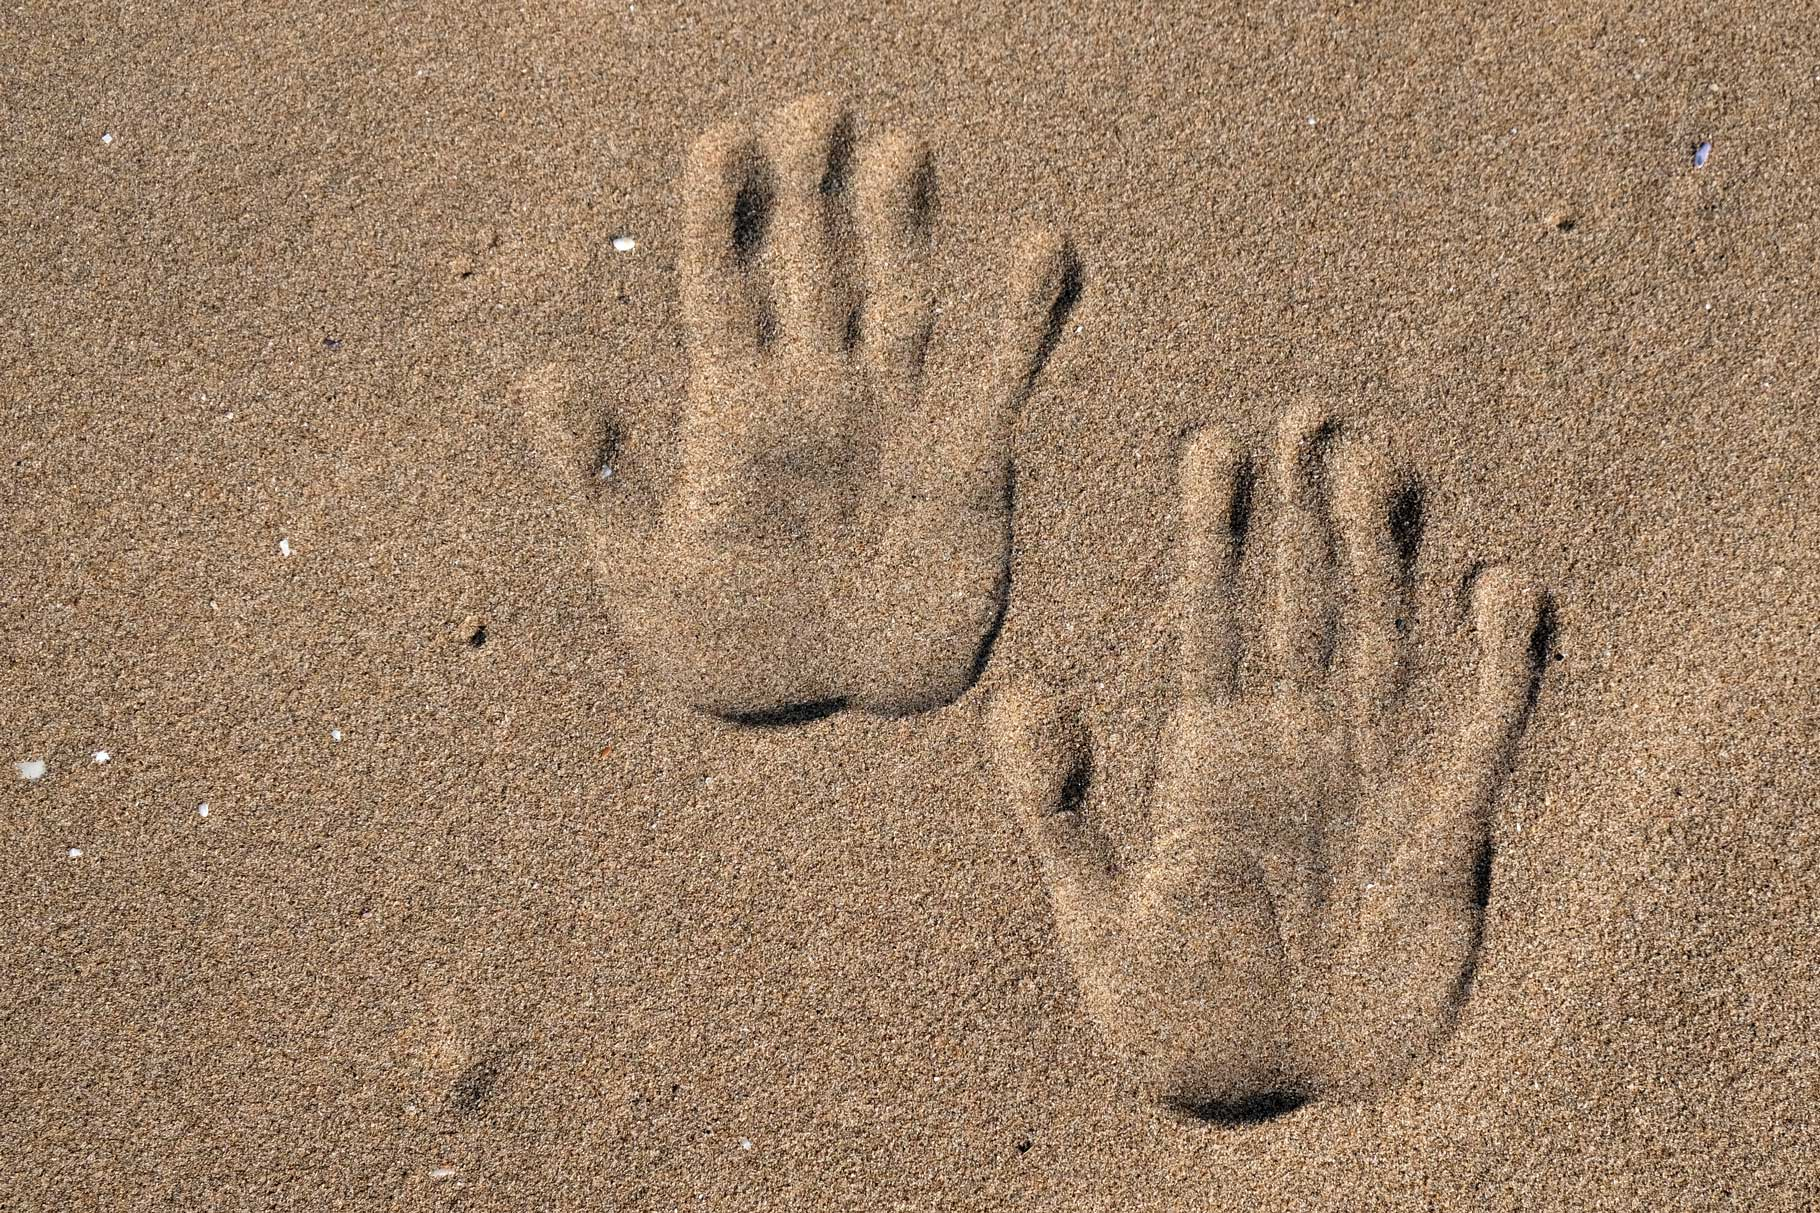 Im feinen Sand hinterlassen wir unsere Spuren...